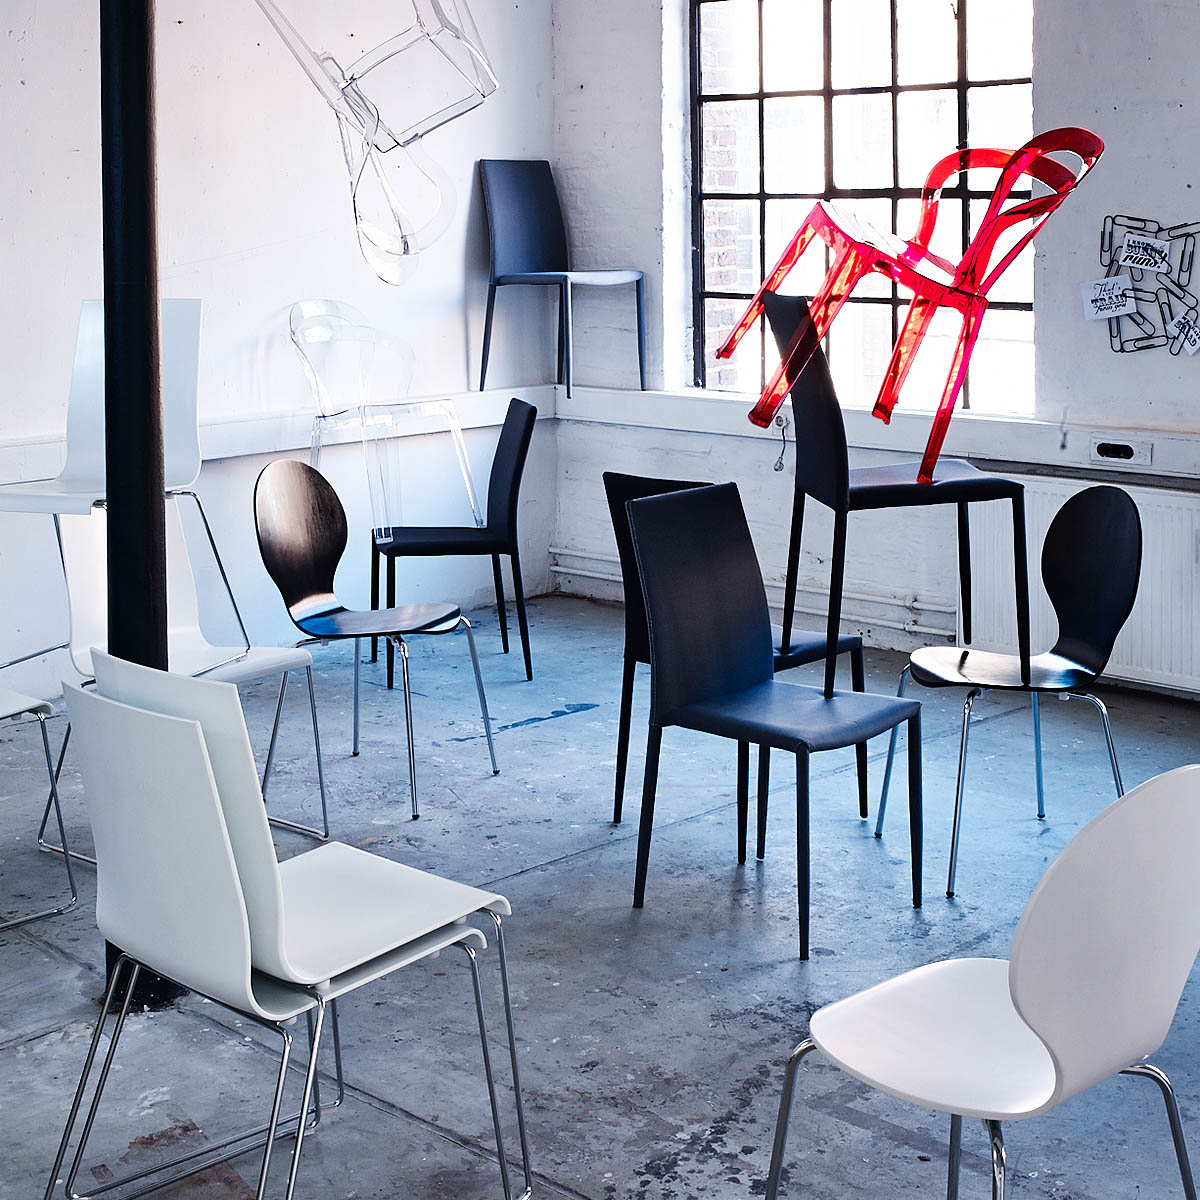 Möbel Fotografie fliegende Stühle für DEPOT